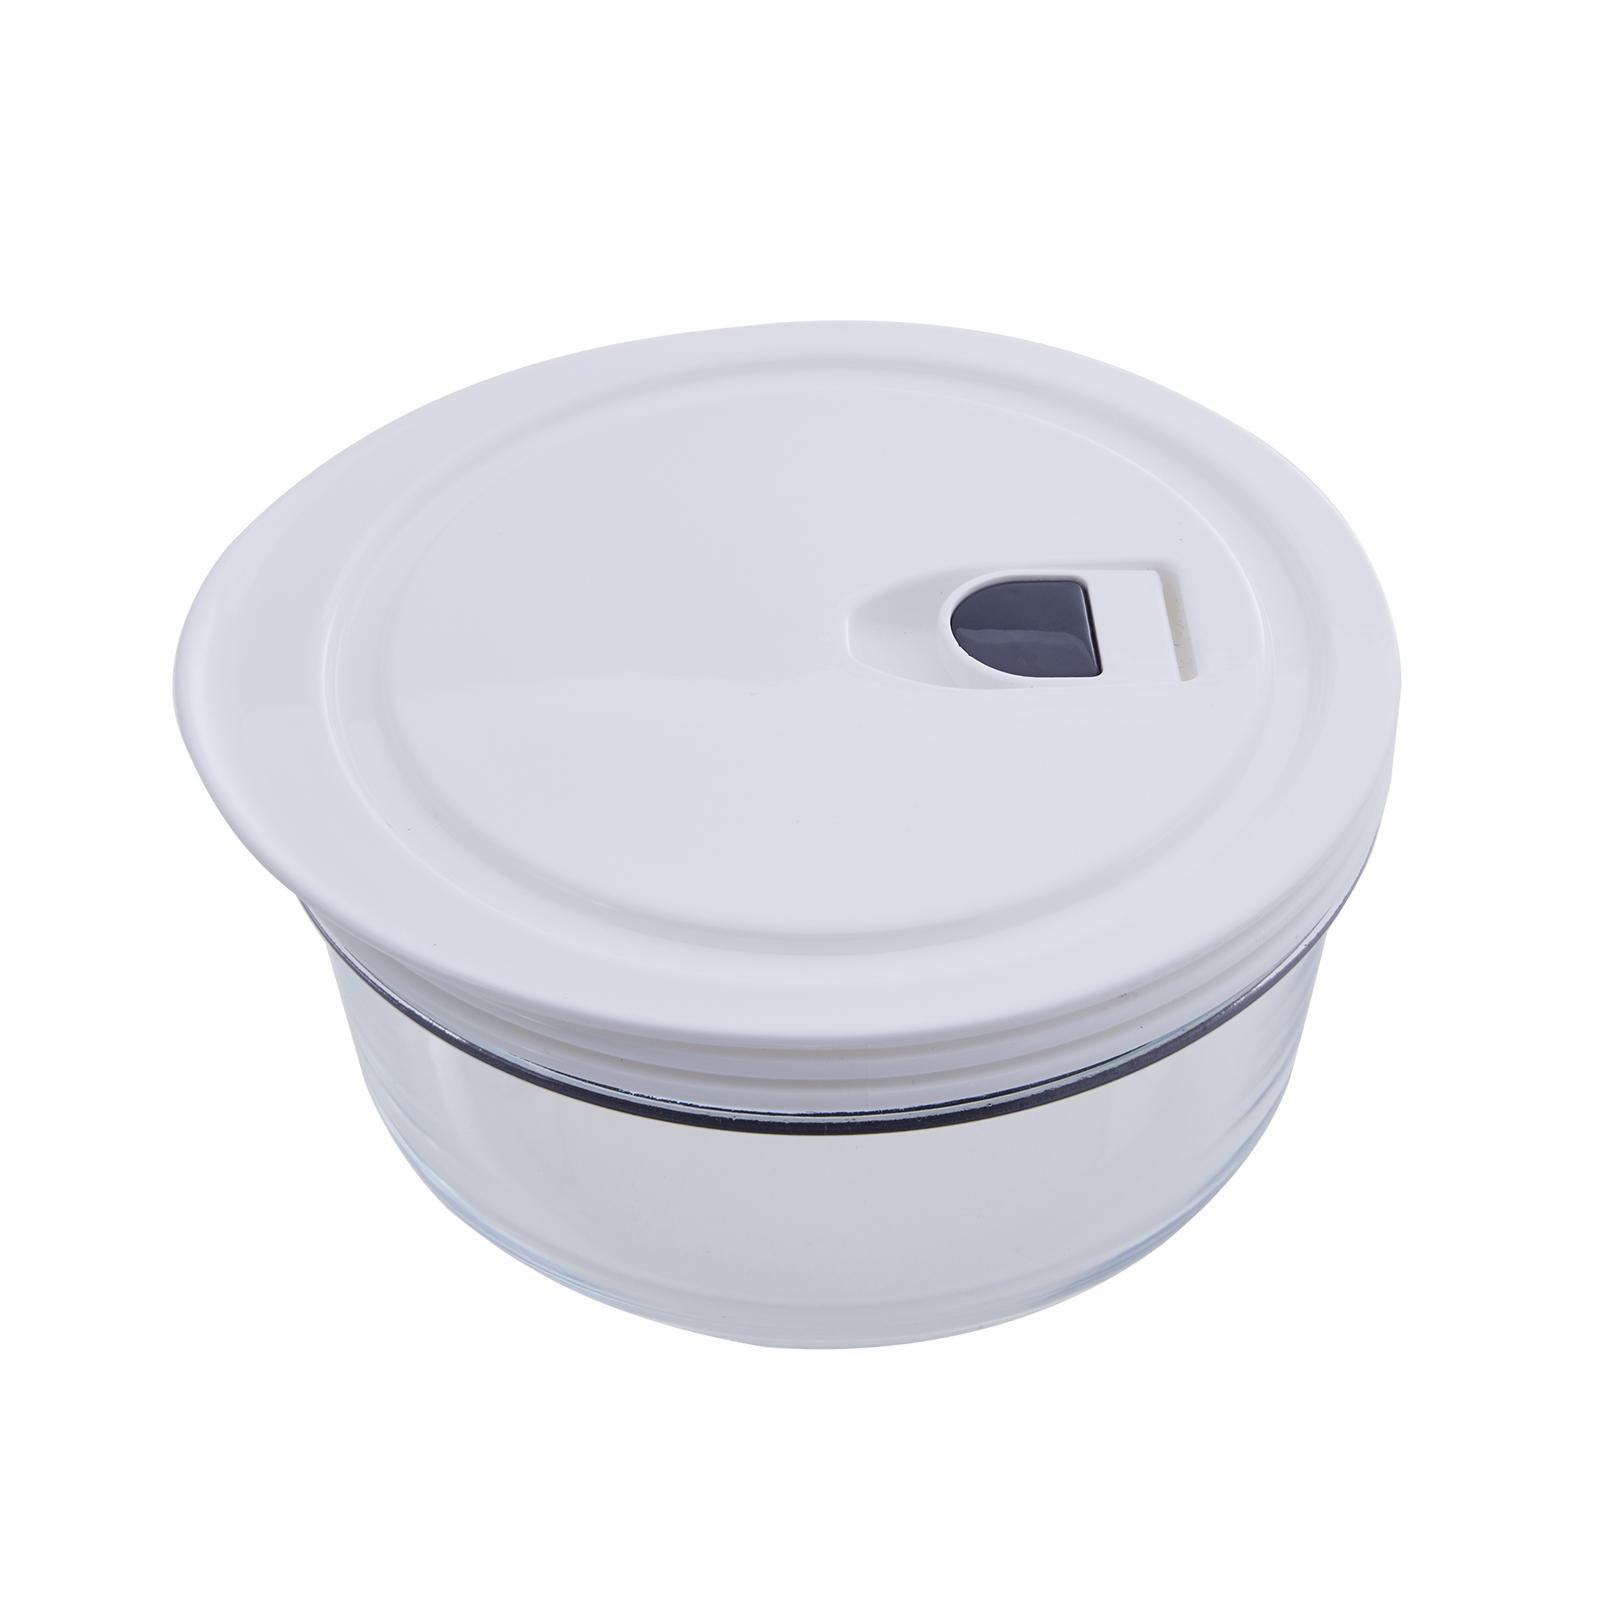 Cookplus White Saklama Kabı 0.6 lt